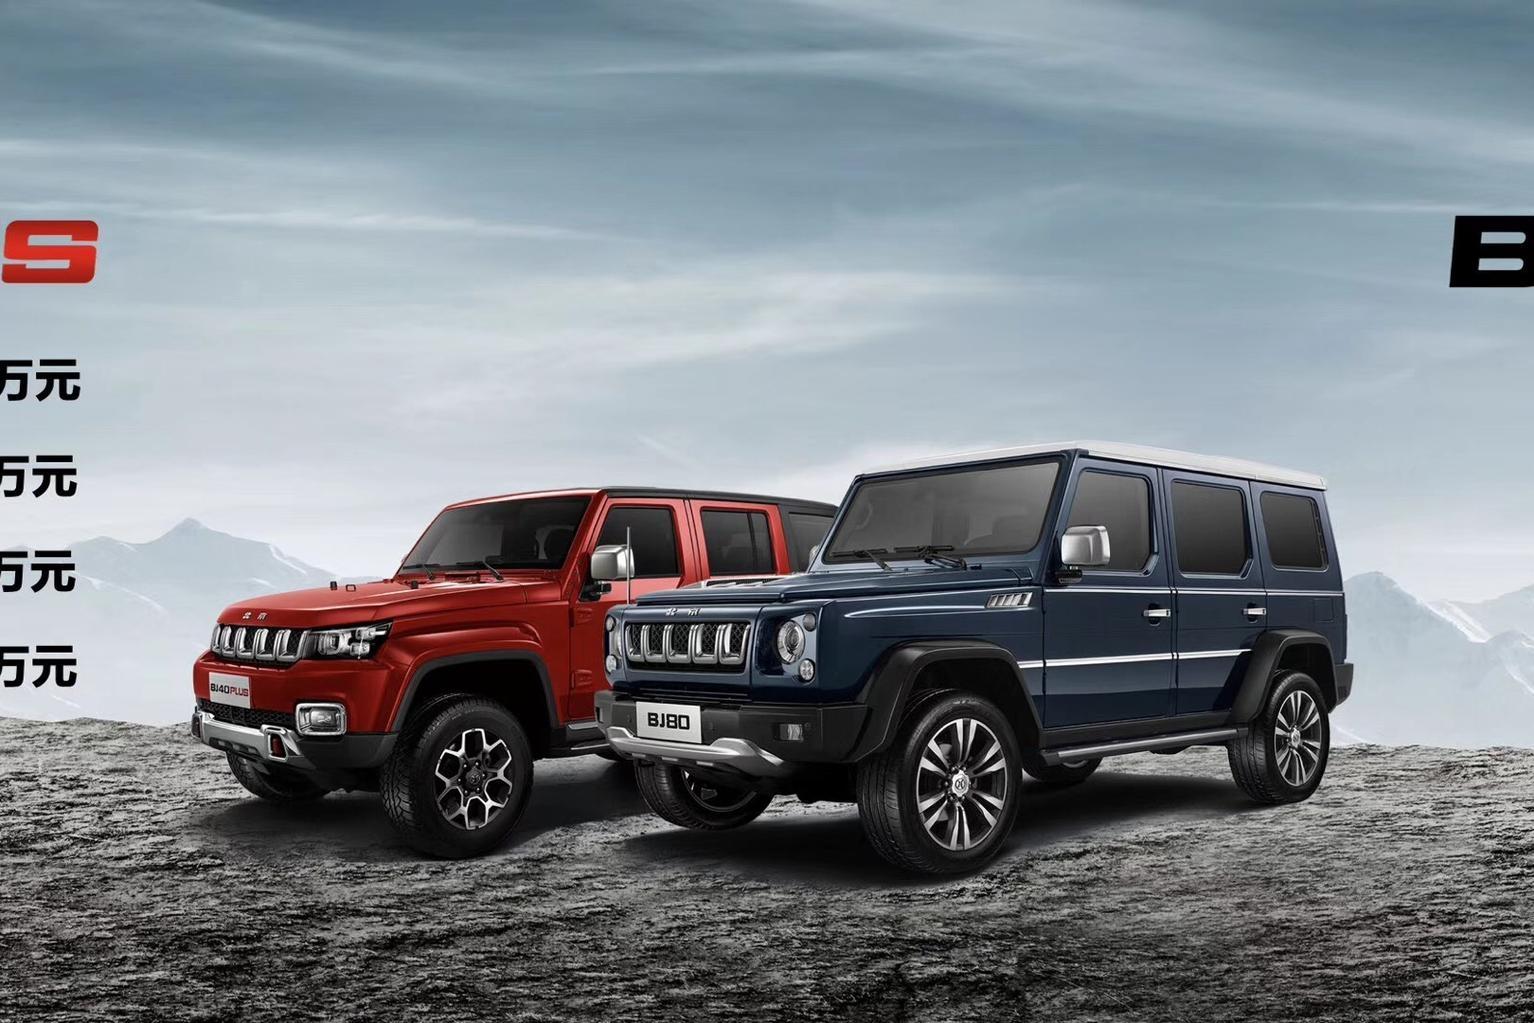 花至少16万为越野情怀买单,你会选择北京汽车BJ40 PLUS么?